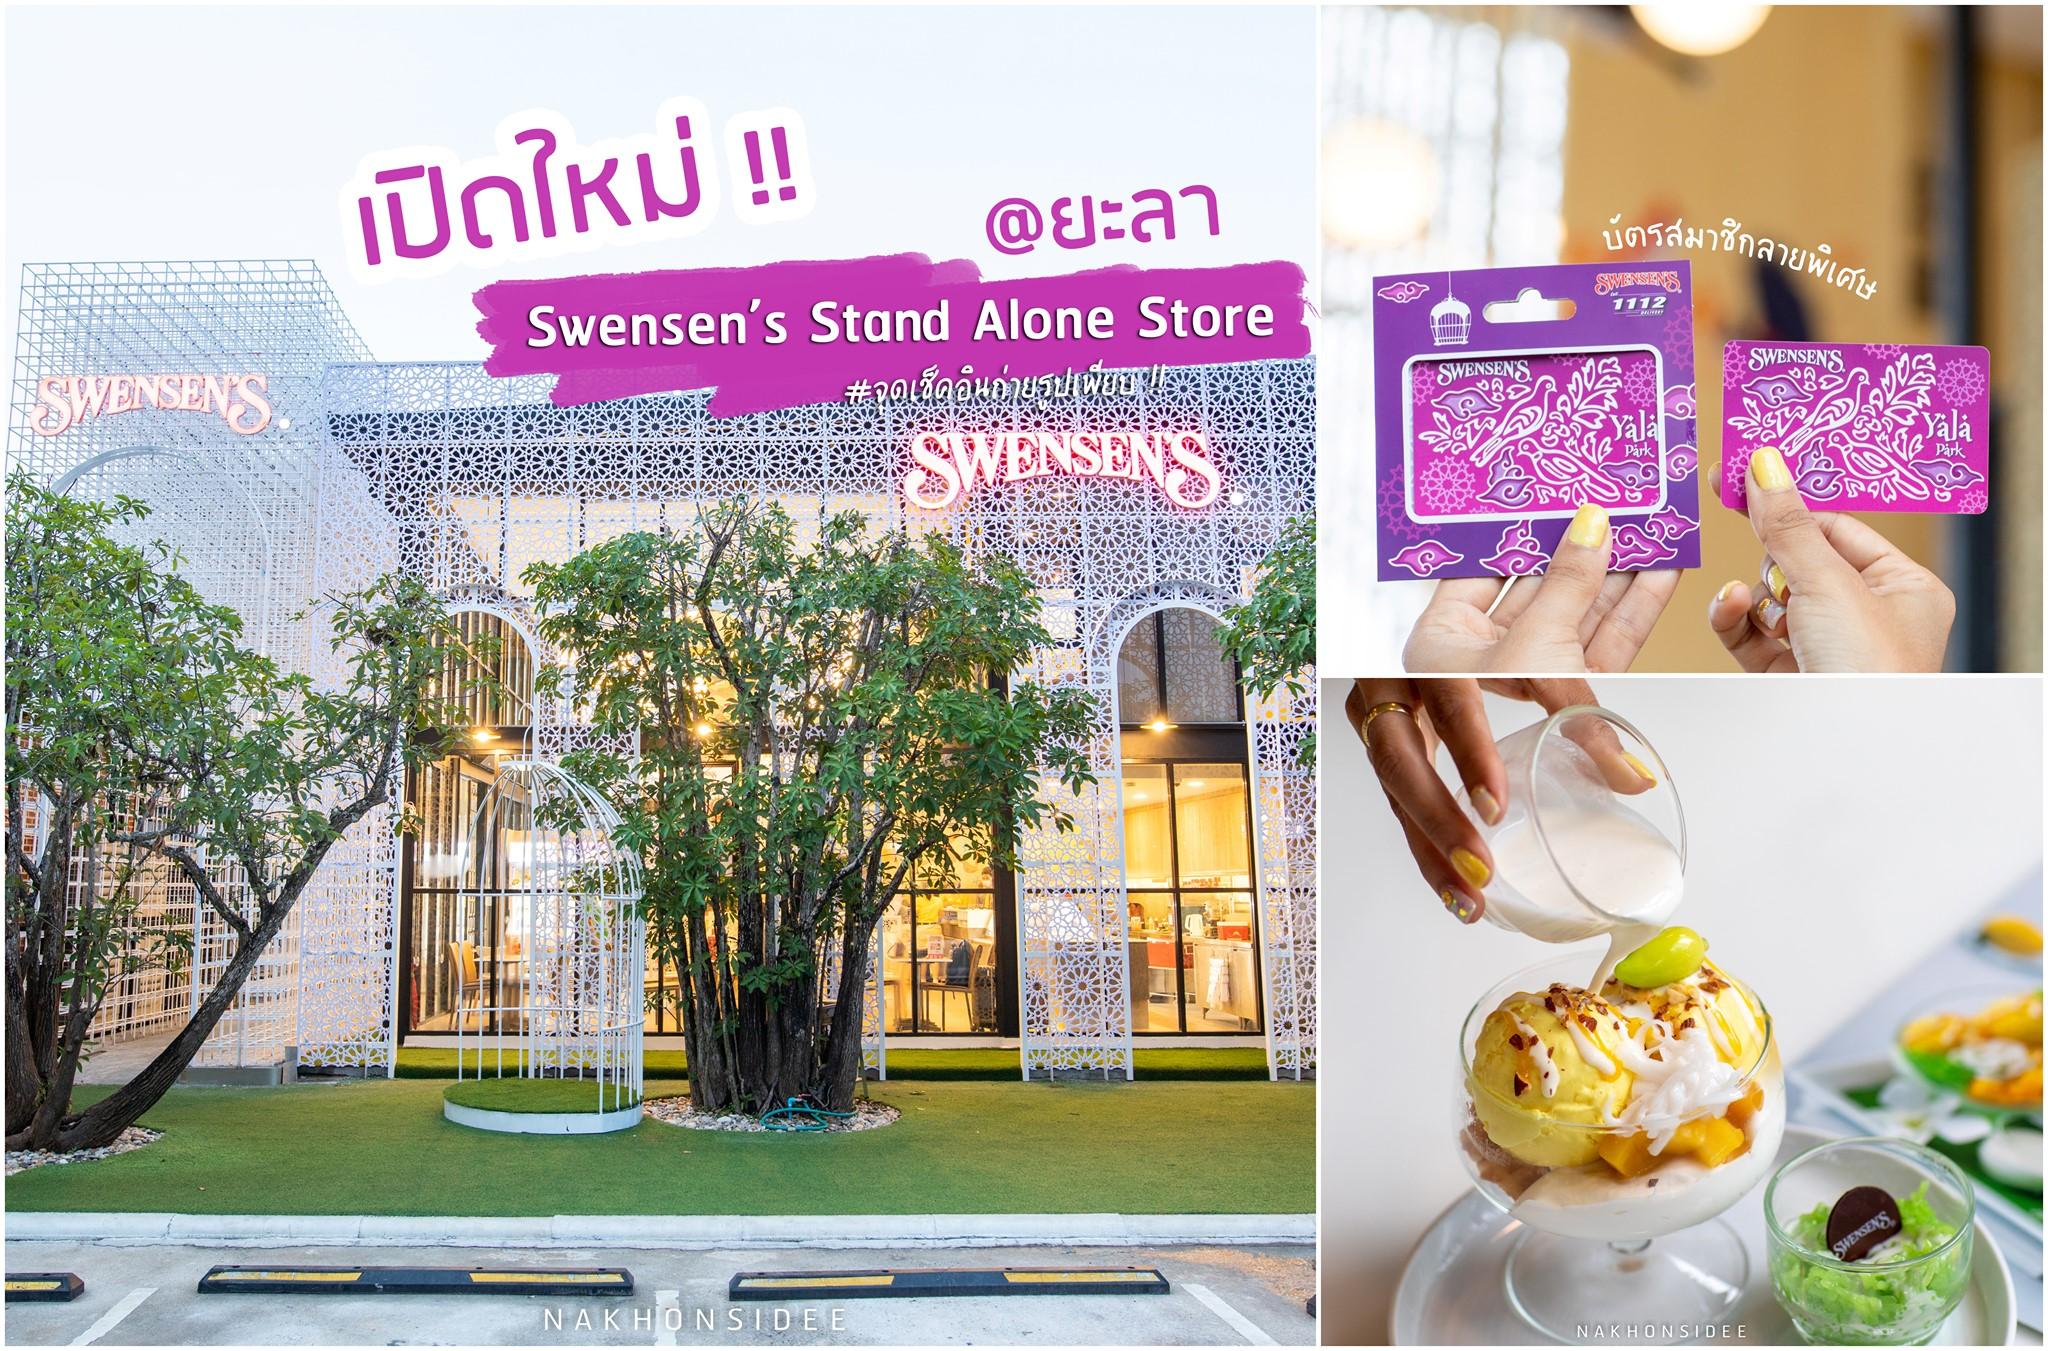 Swensen's Stand Alone Store ยะลา สวยงามใส่ความสตอรี่เมืองยะลามาบอกเล่าด้วย บอกเลยดีย์ต่อใจสุดๆ